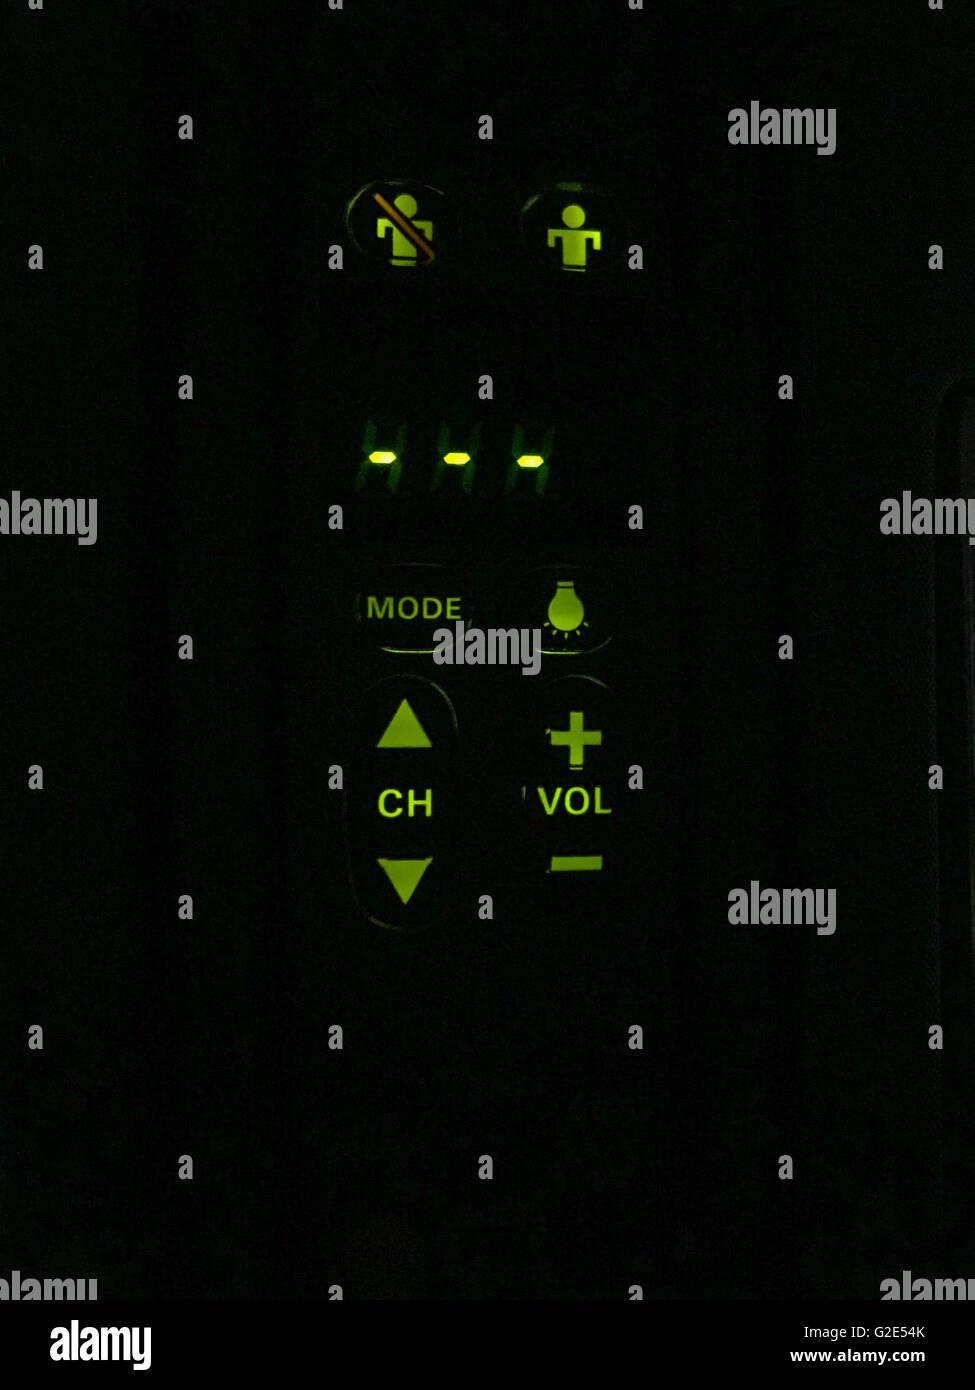 Detailbild des Control Panels auf einem Jet Airliner erste Klasse Sitz Stockbild